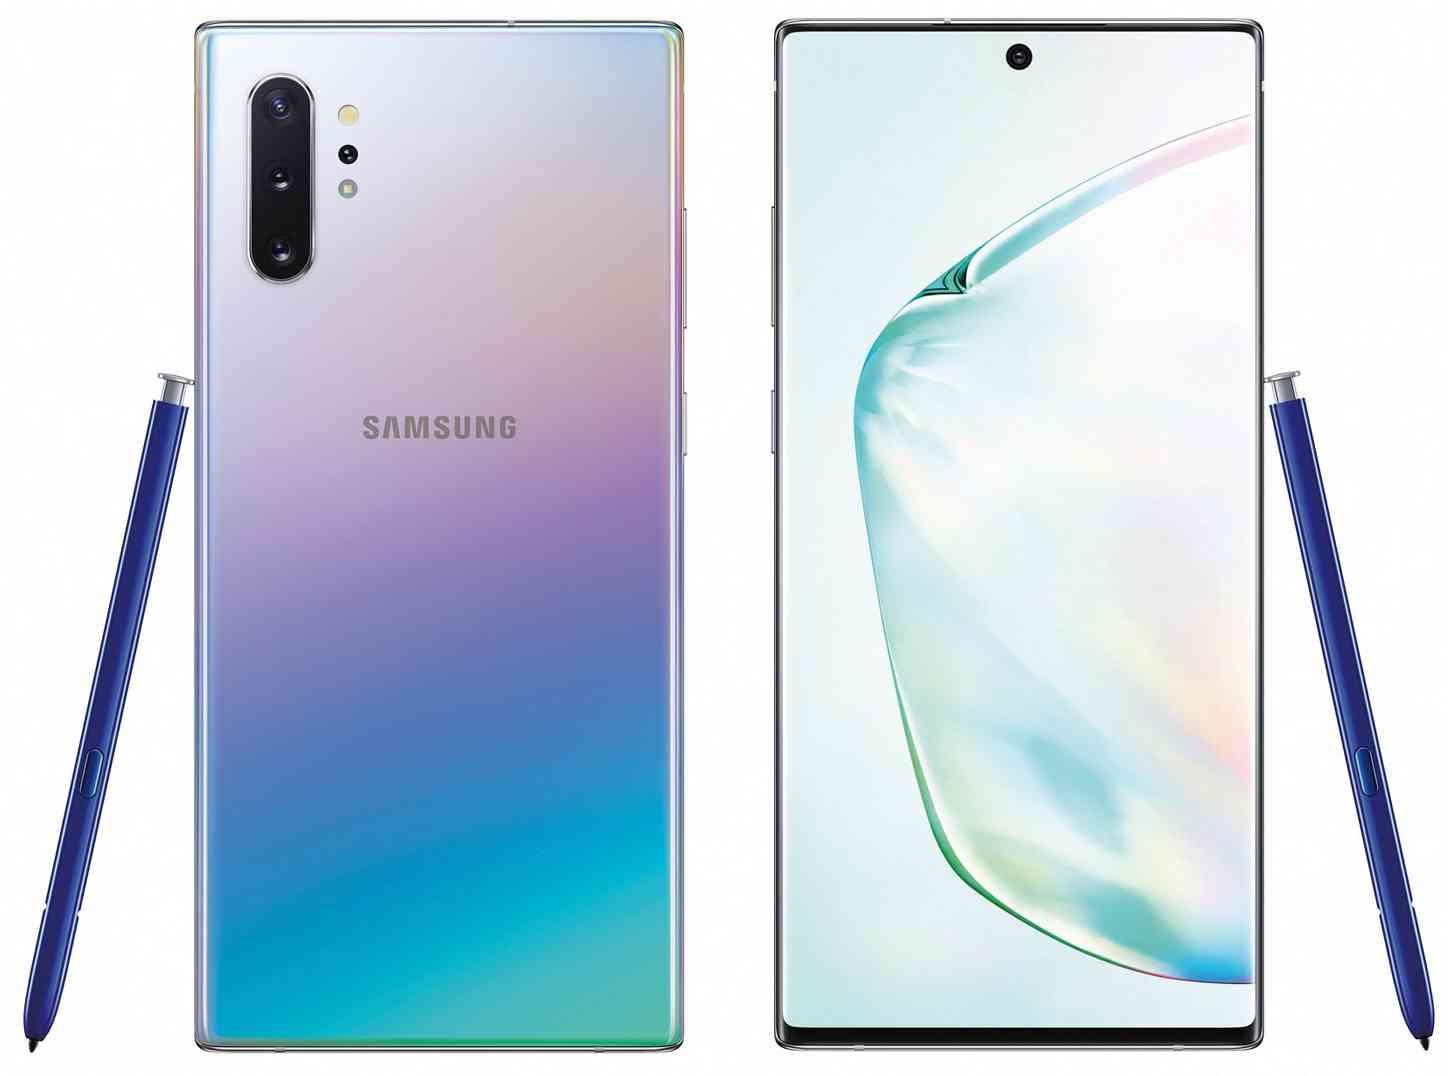 Samsung Galaxy Note 10+ gradient color